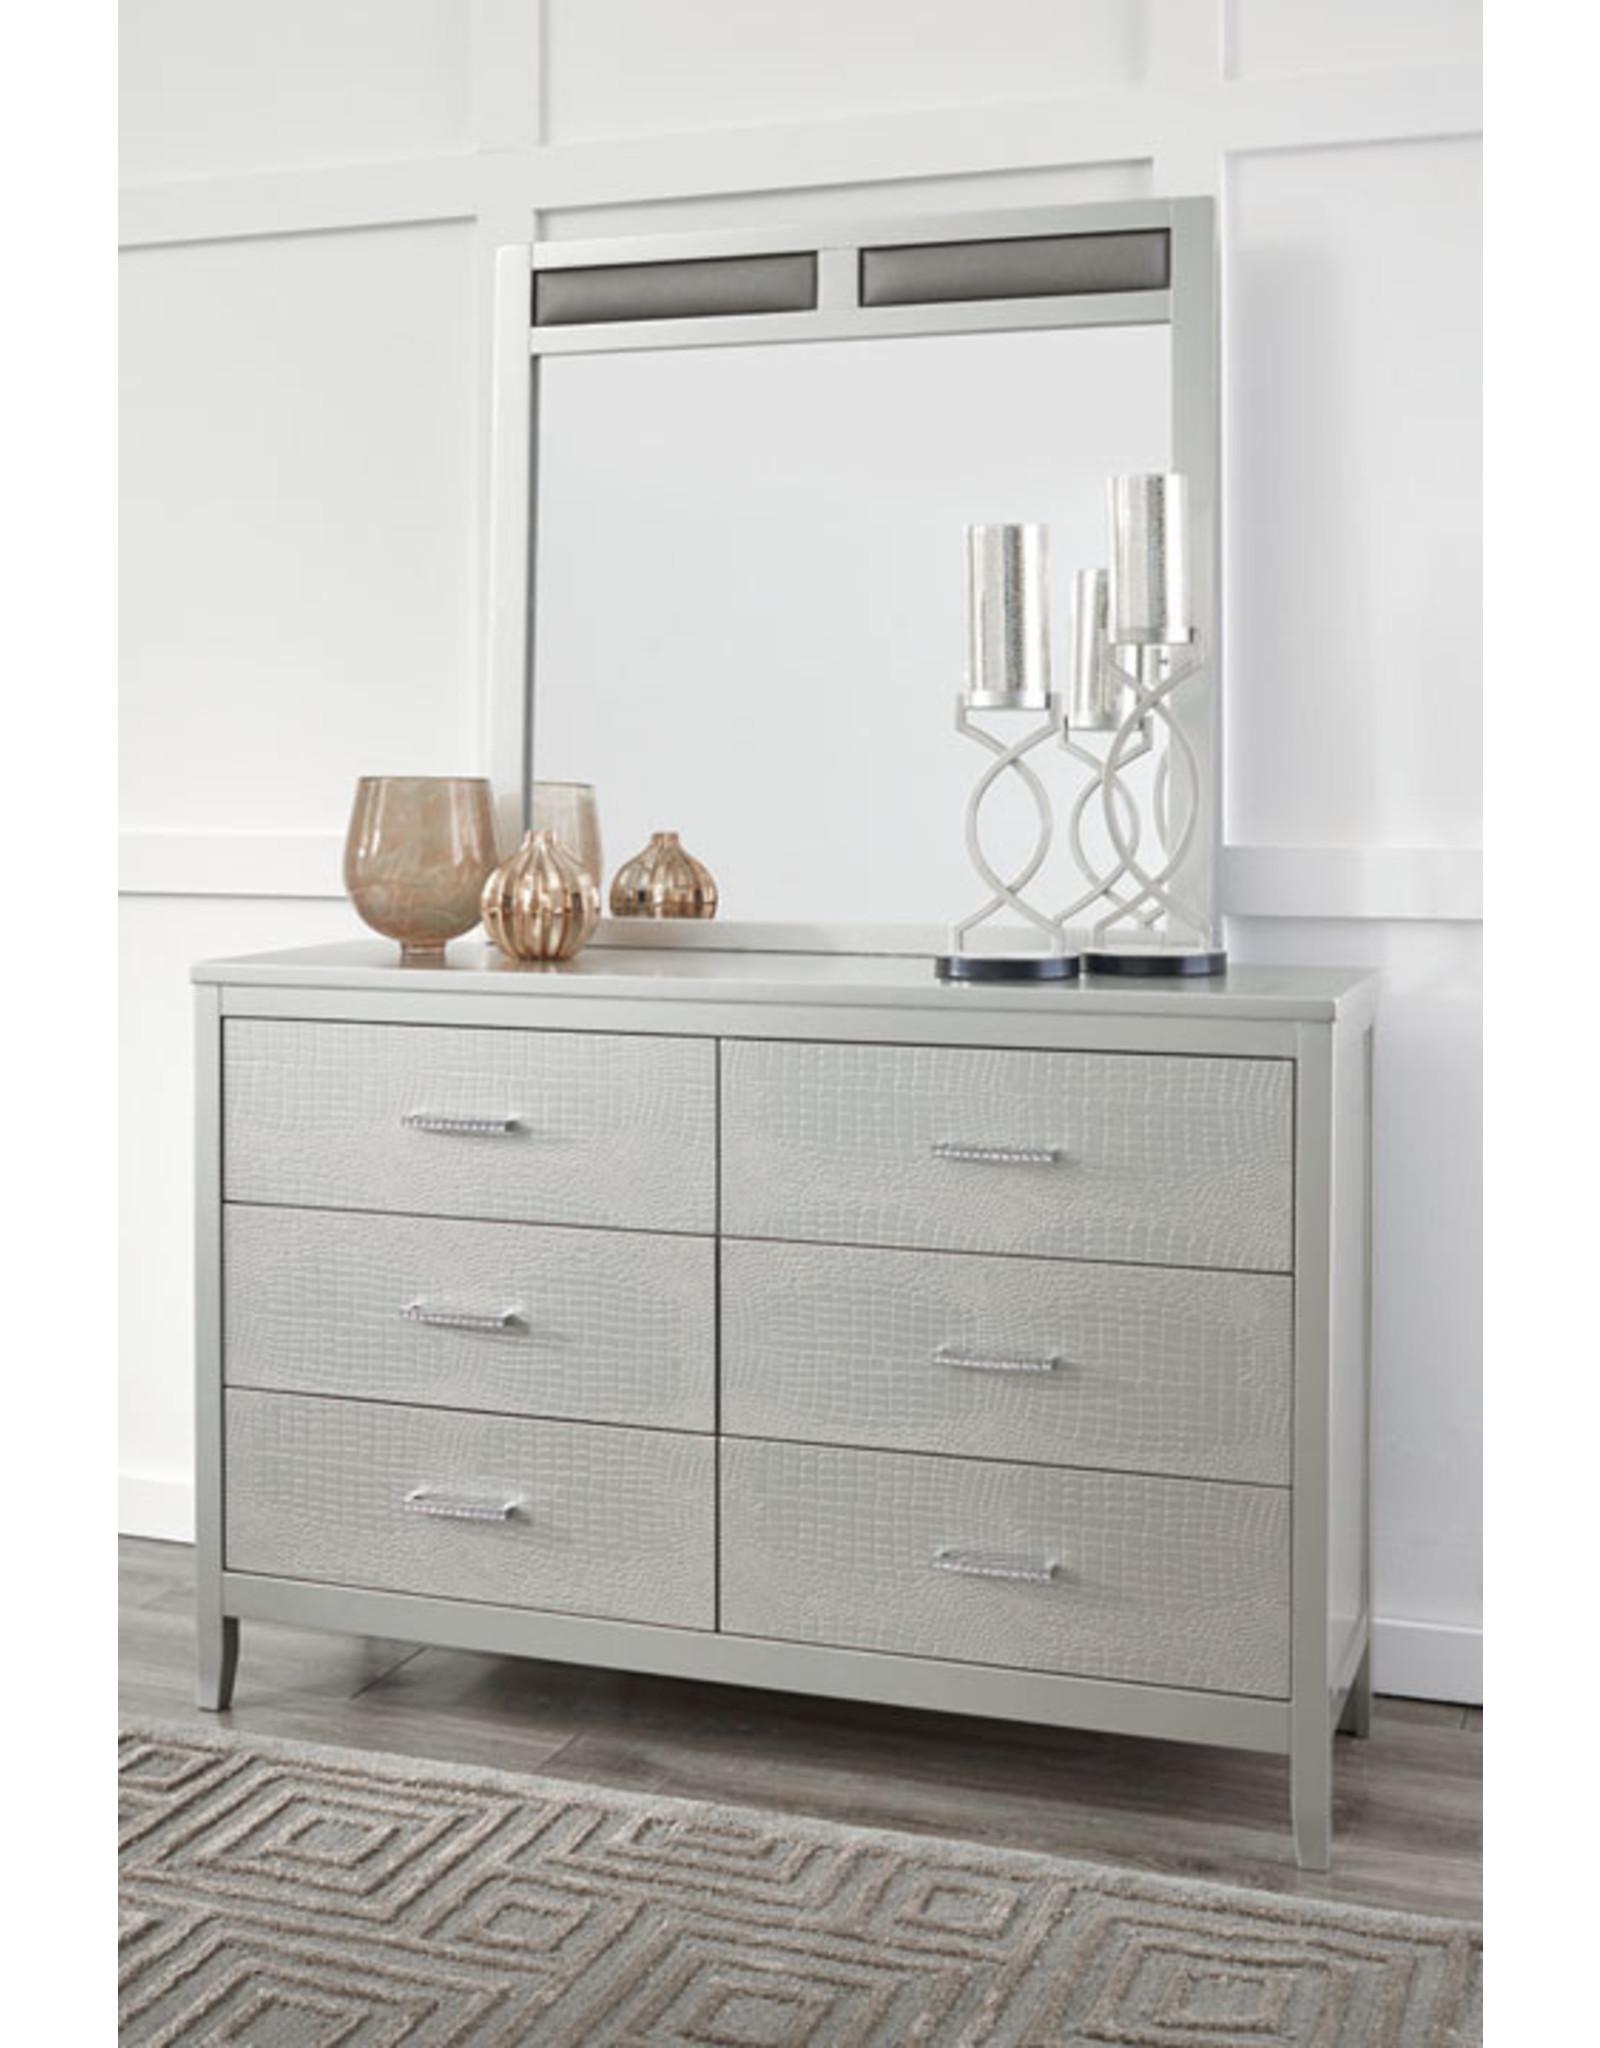 Olivet b560-31 dresser